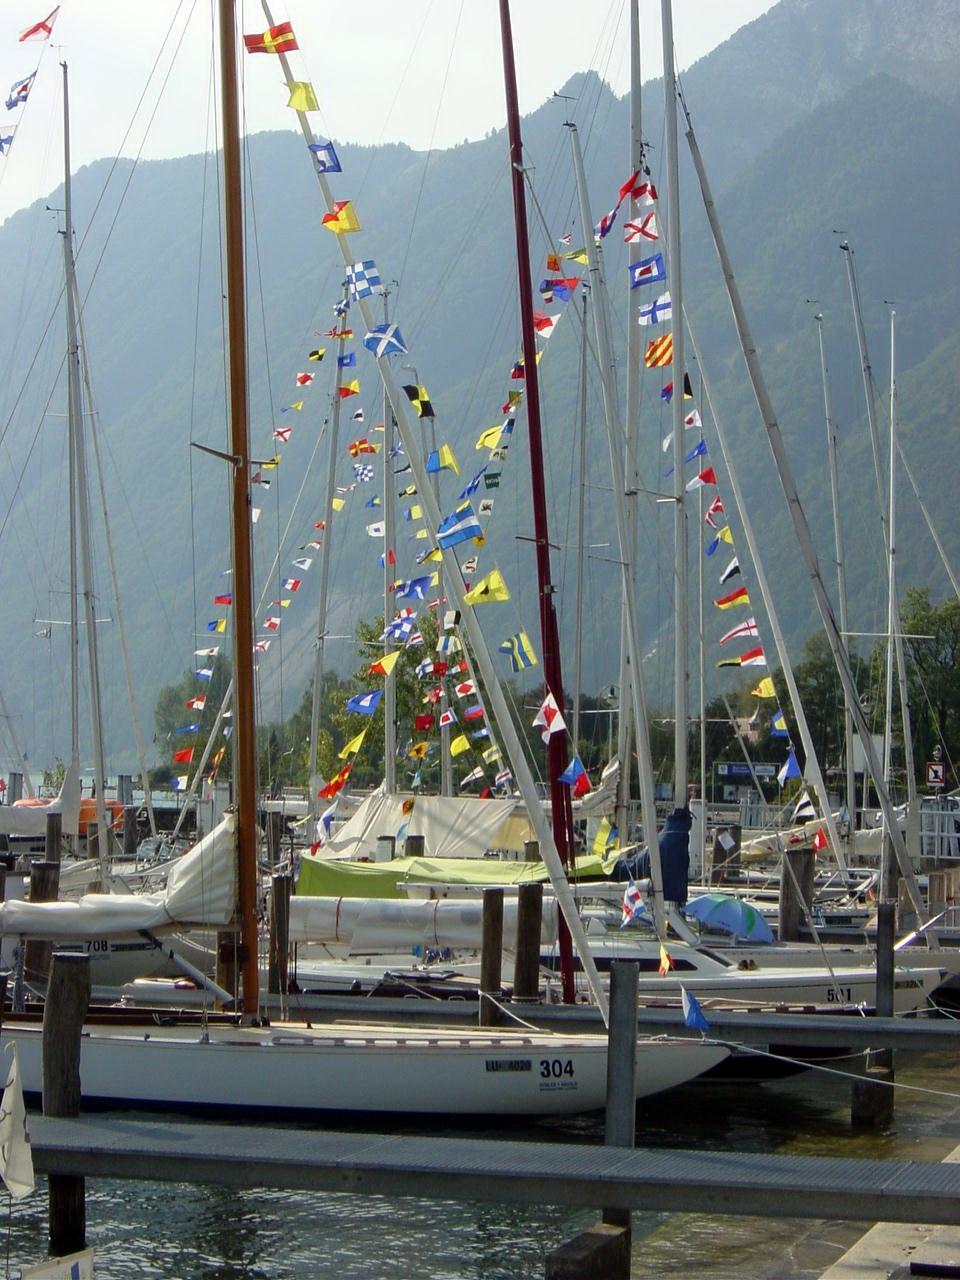 igf-hafenfest-brunnen-2003-10